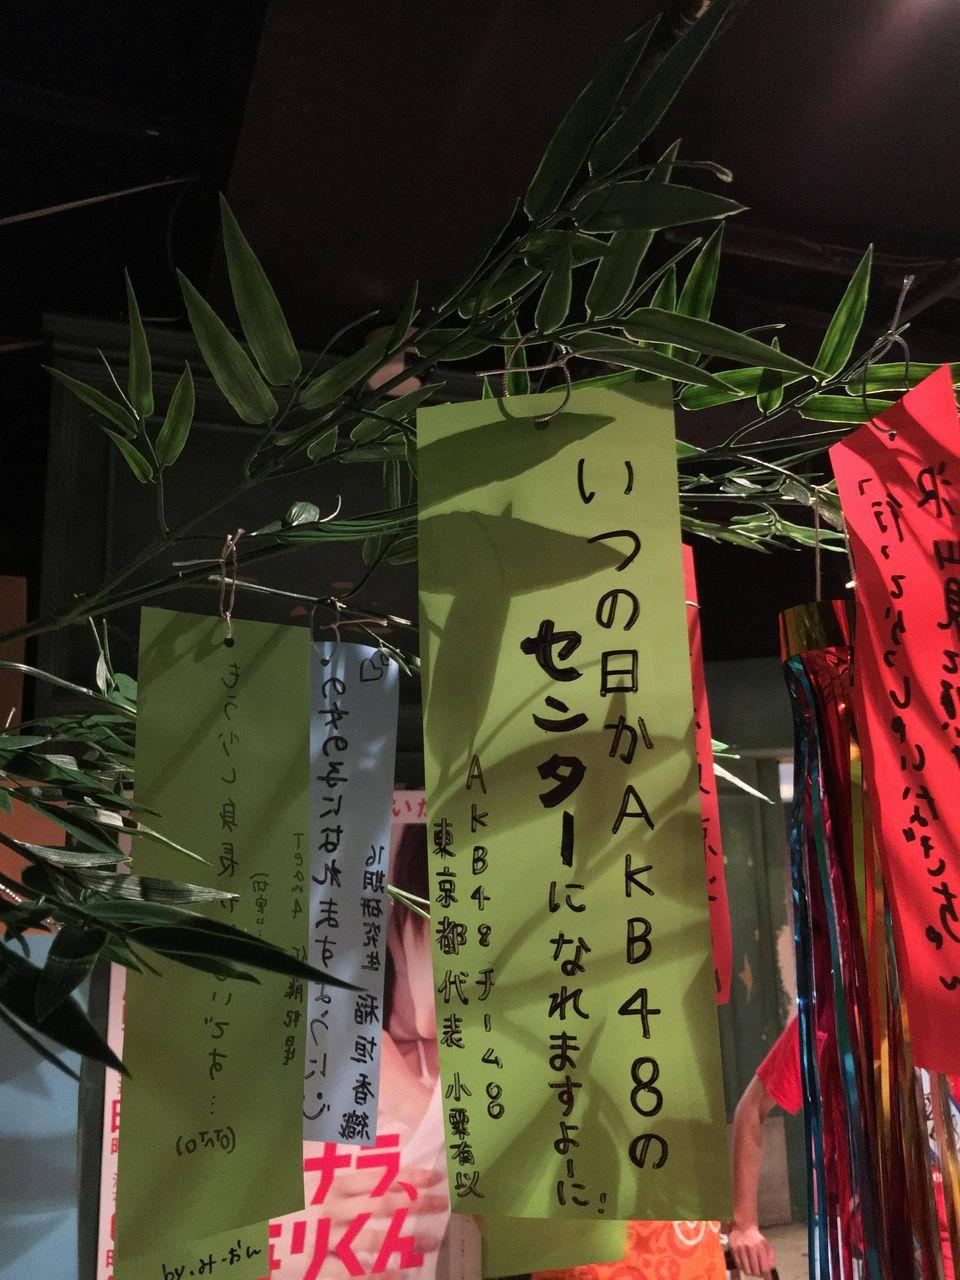 【悲報】 AKB48劇場の短冊w w w w w w w w w w w w w【画像】